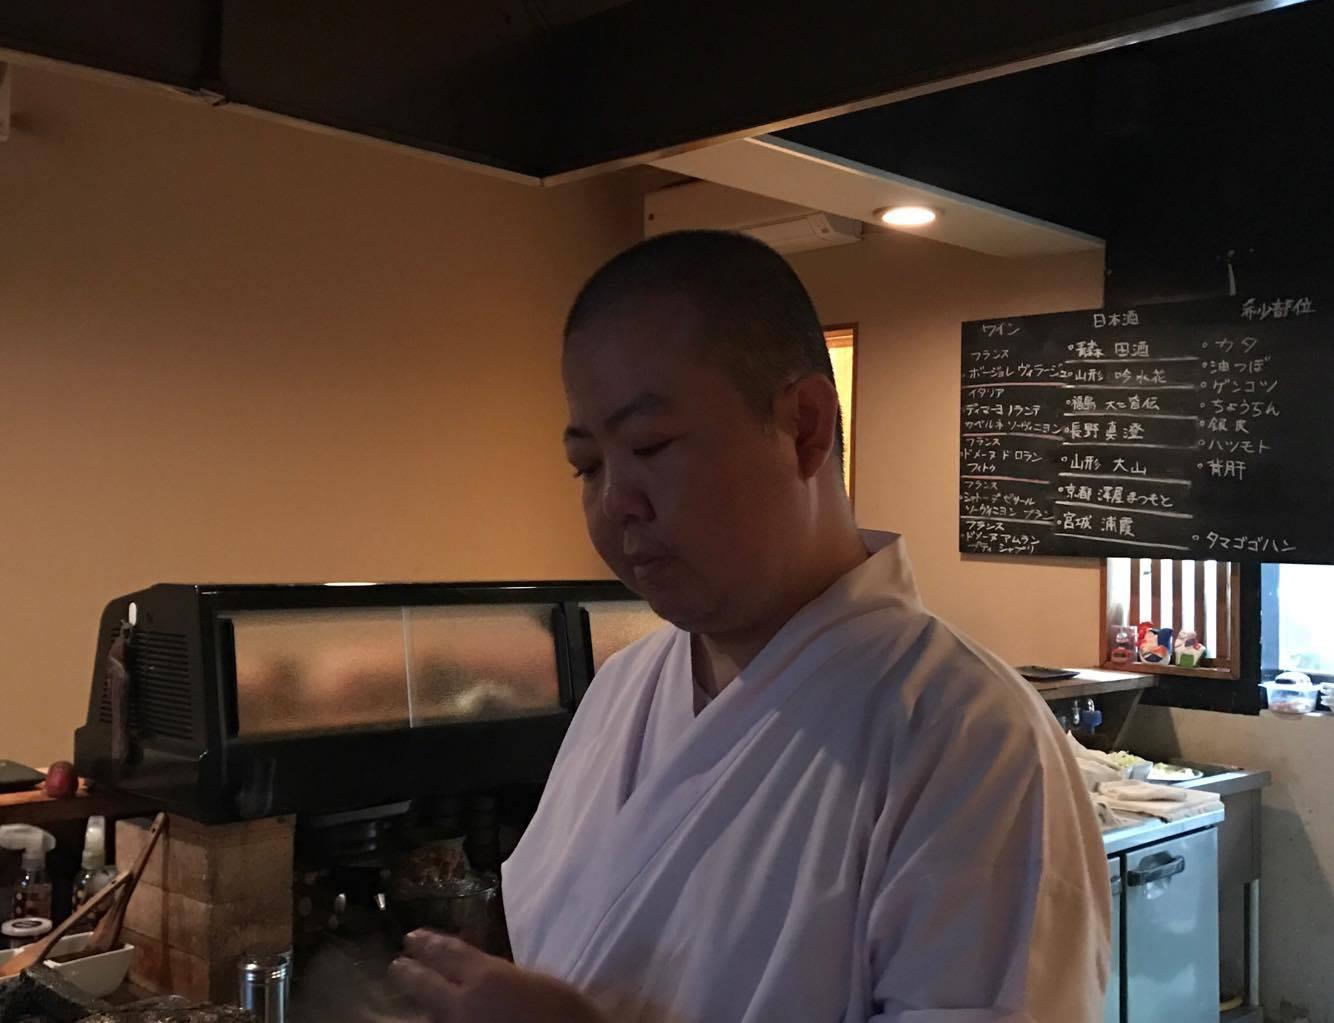 鳥重さんで、美味しい焼鳥と日本酒を堪能しました*